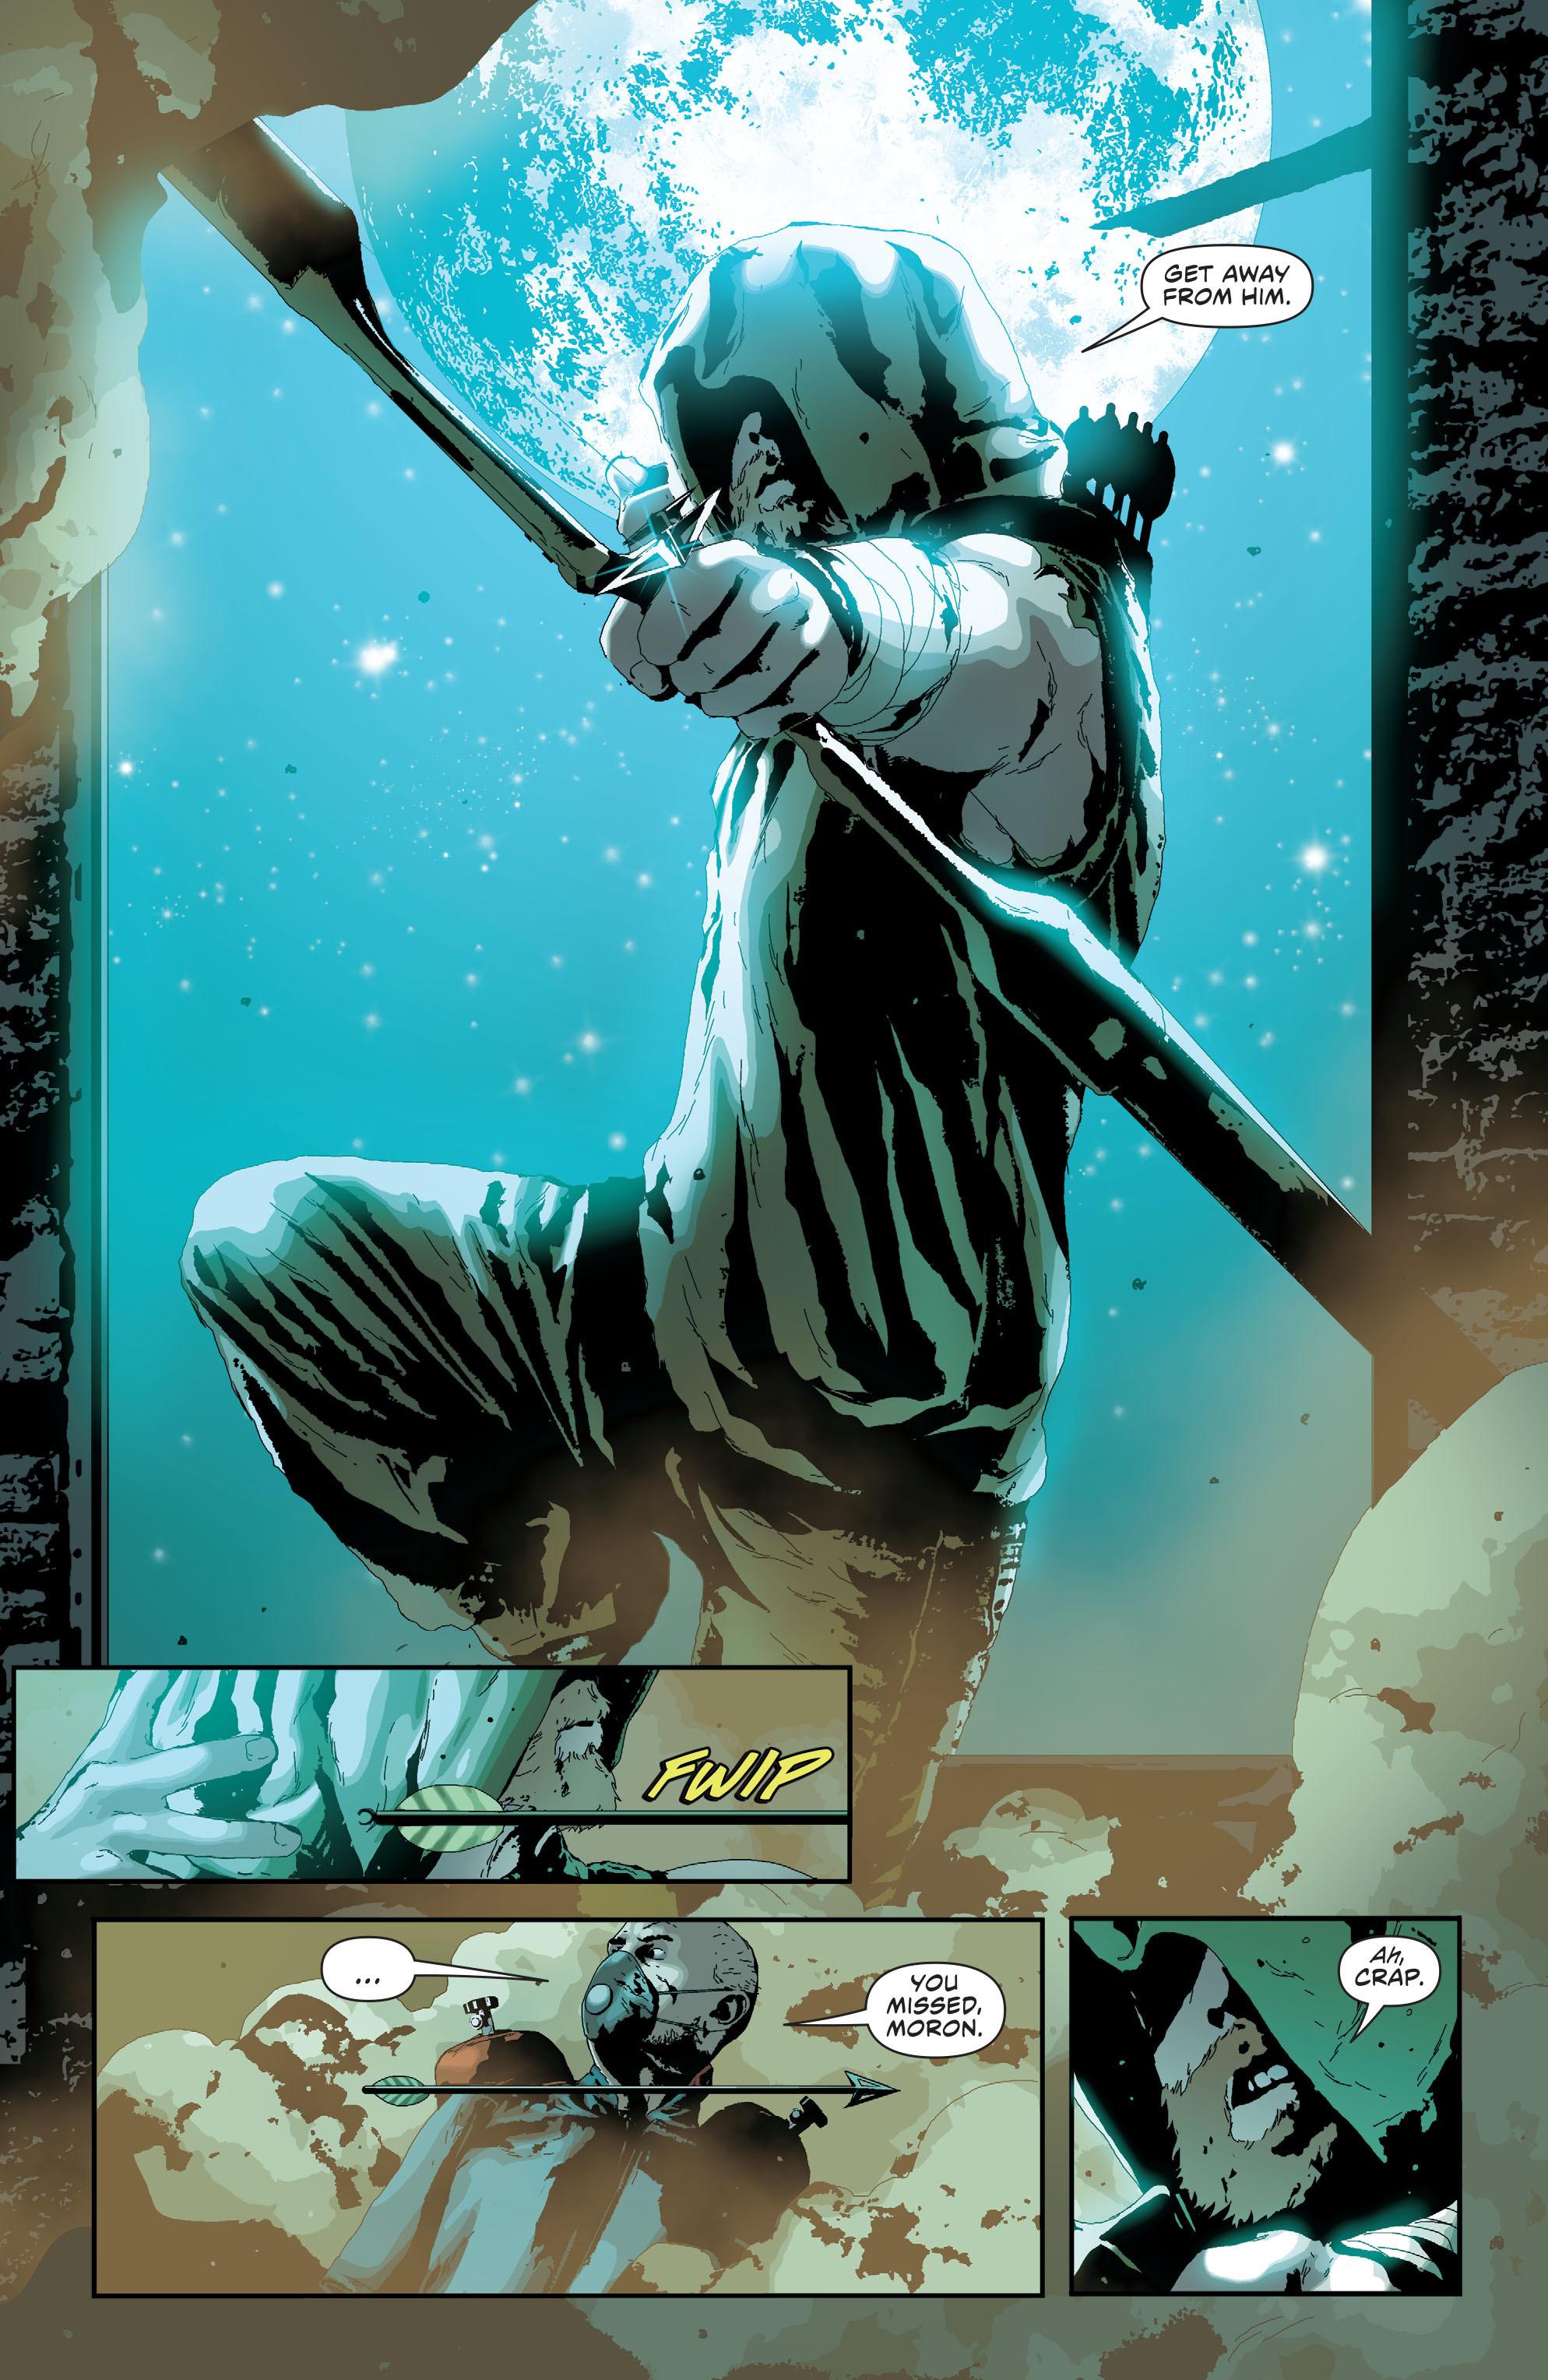 DC Comics: Zero Year chap tpb pic 298